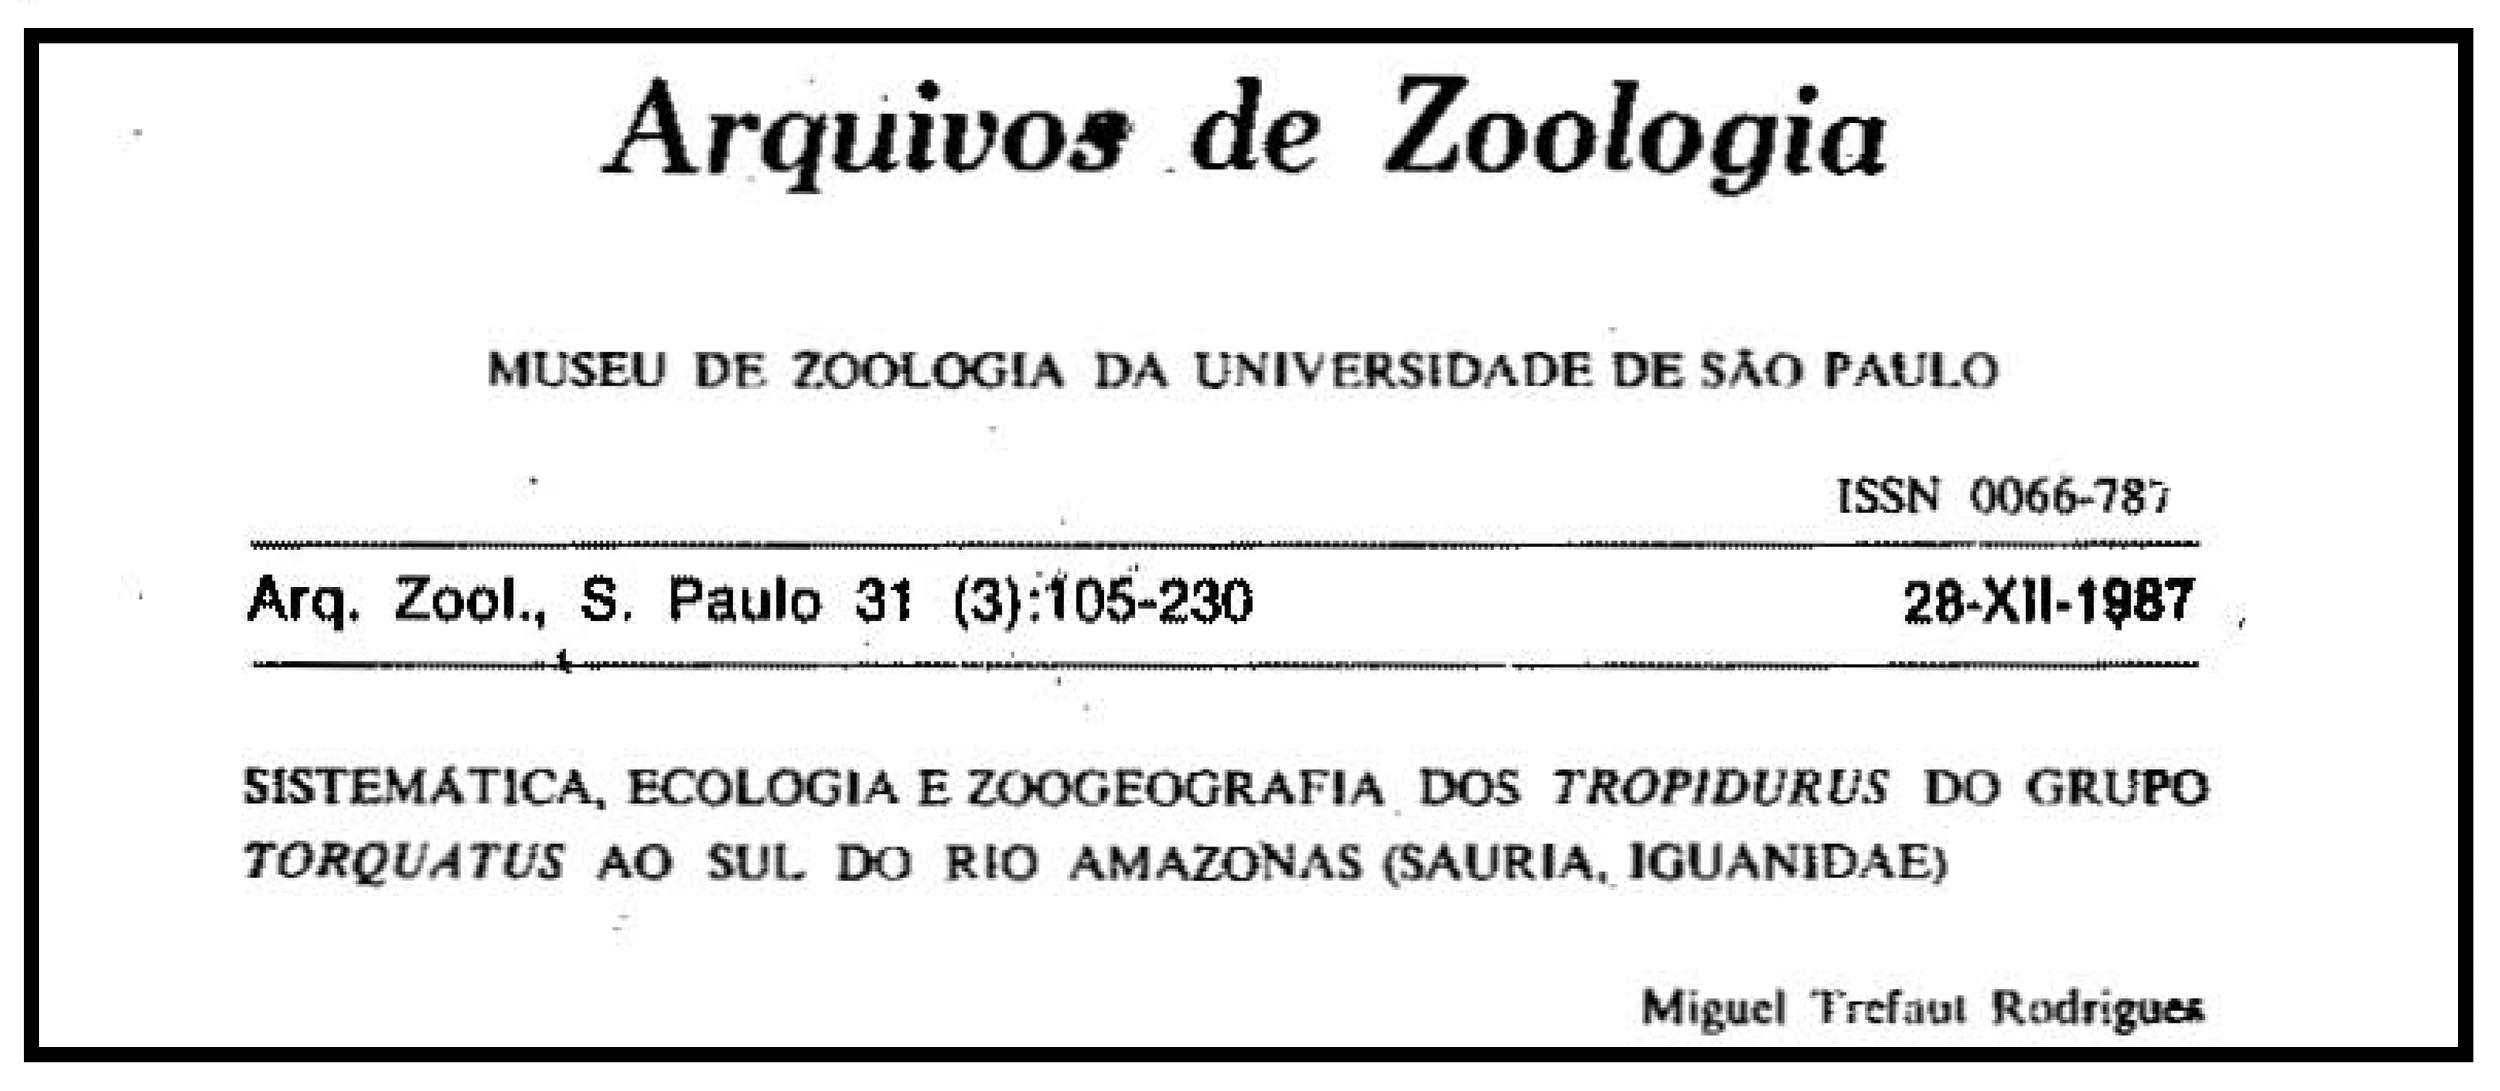 Rodrigues' original 1987 paper in Portuguese.